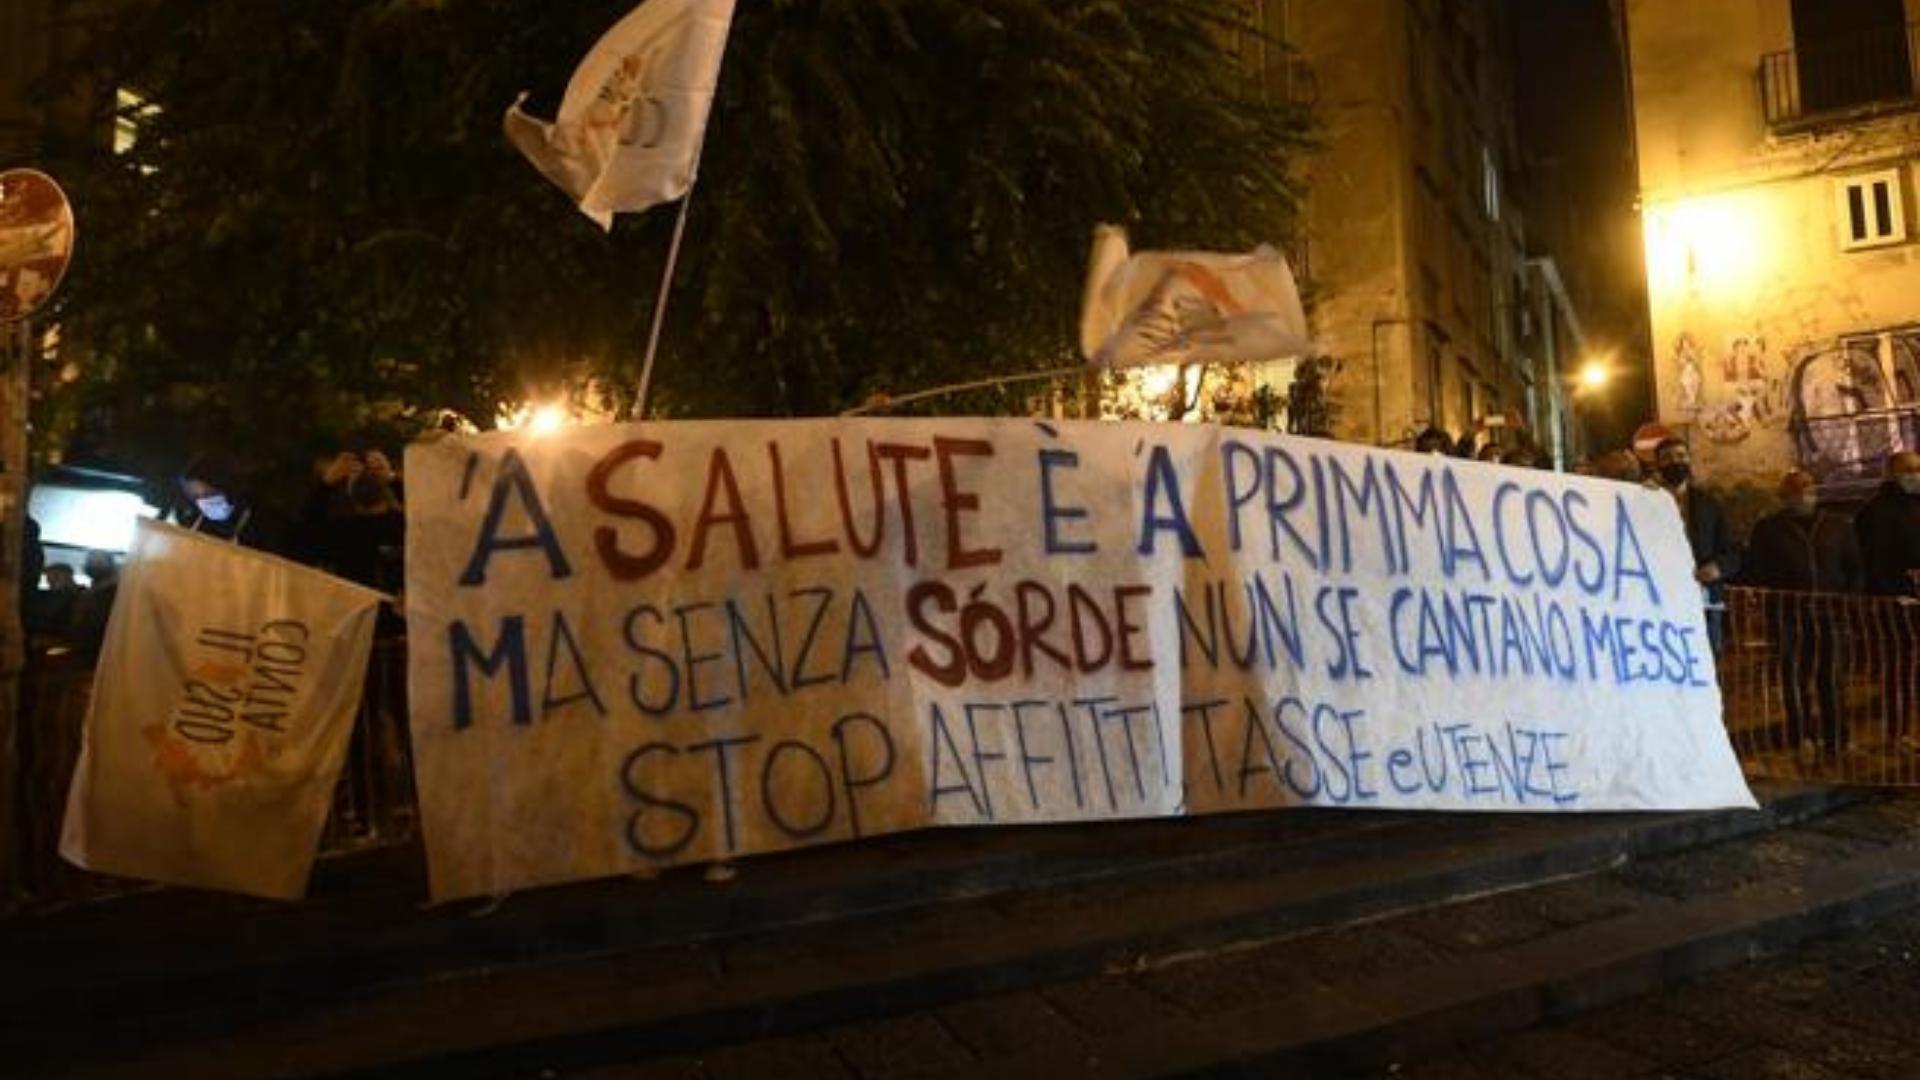 Le proteste napoletane hanno dato vita a un legame sociale